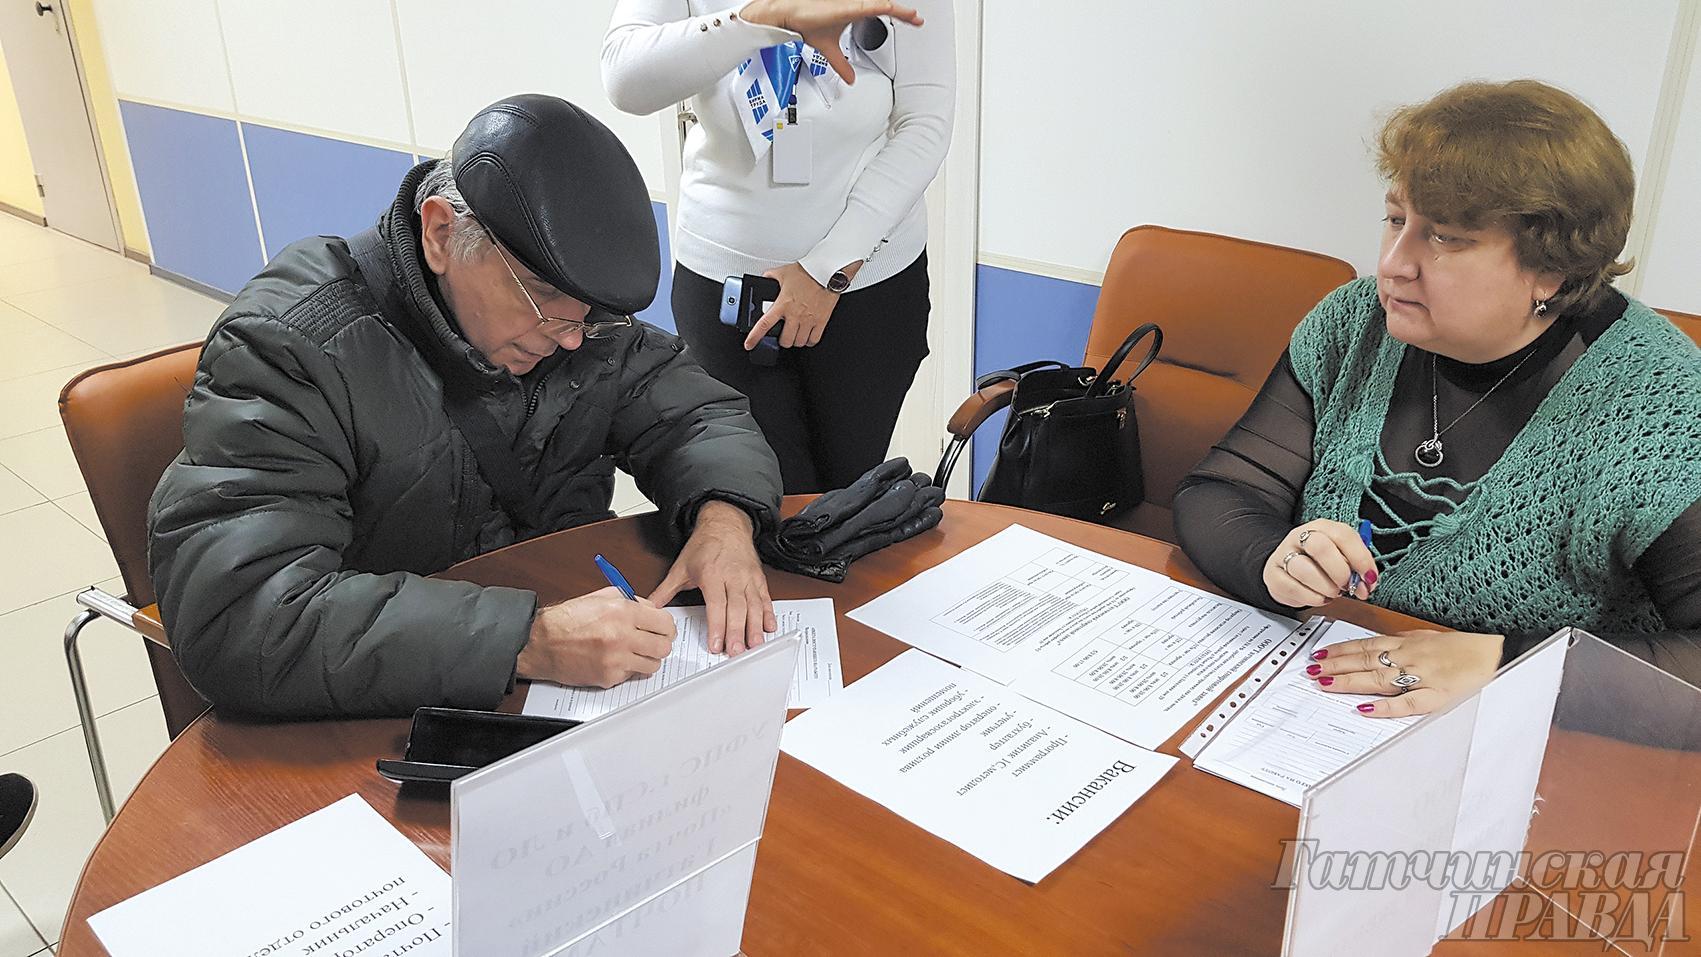 Вакансии для предпенсионного возраста минимальный размер пенсии в татарстане в 2021 году